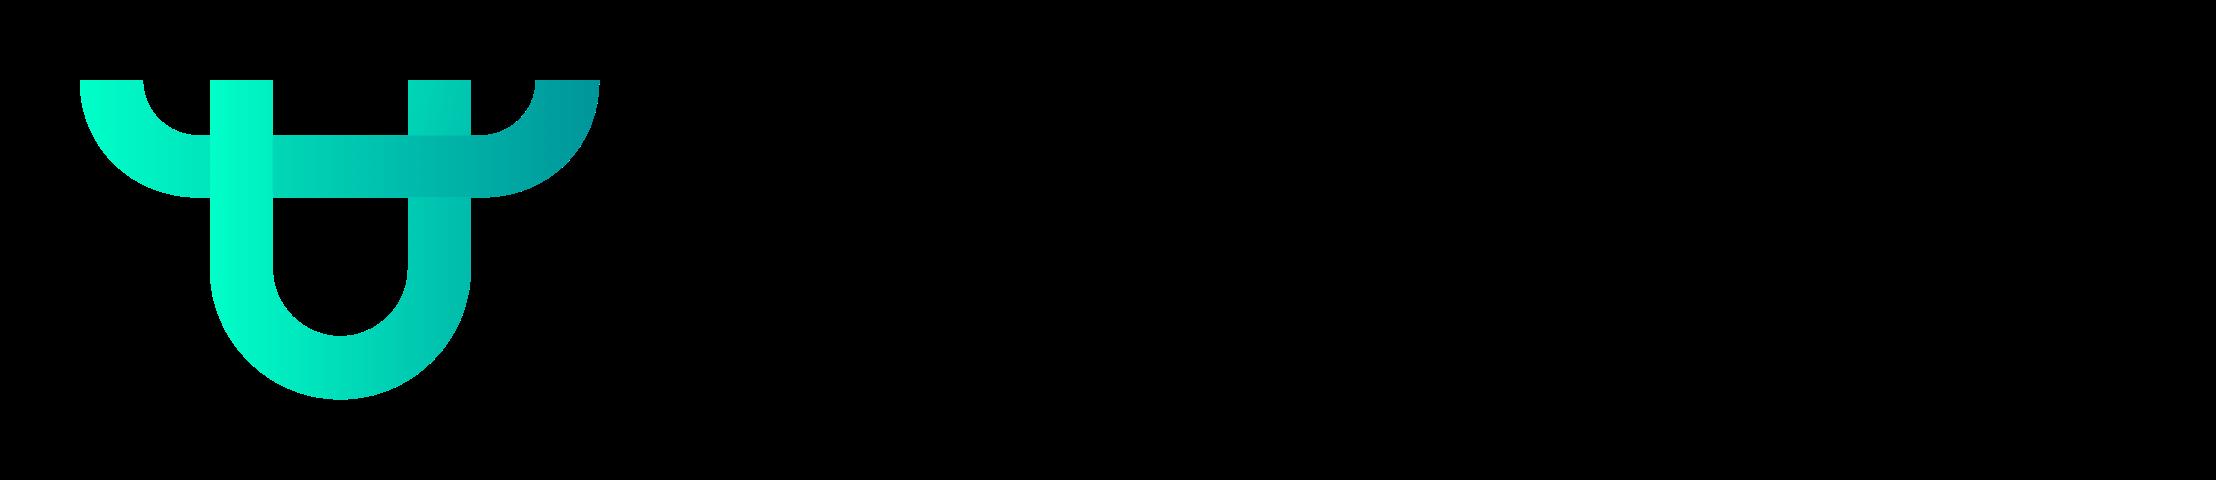 bitforex aliansi koin